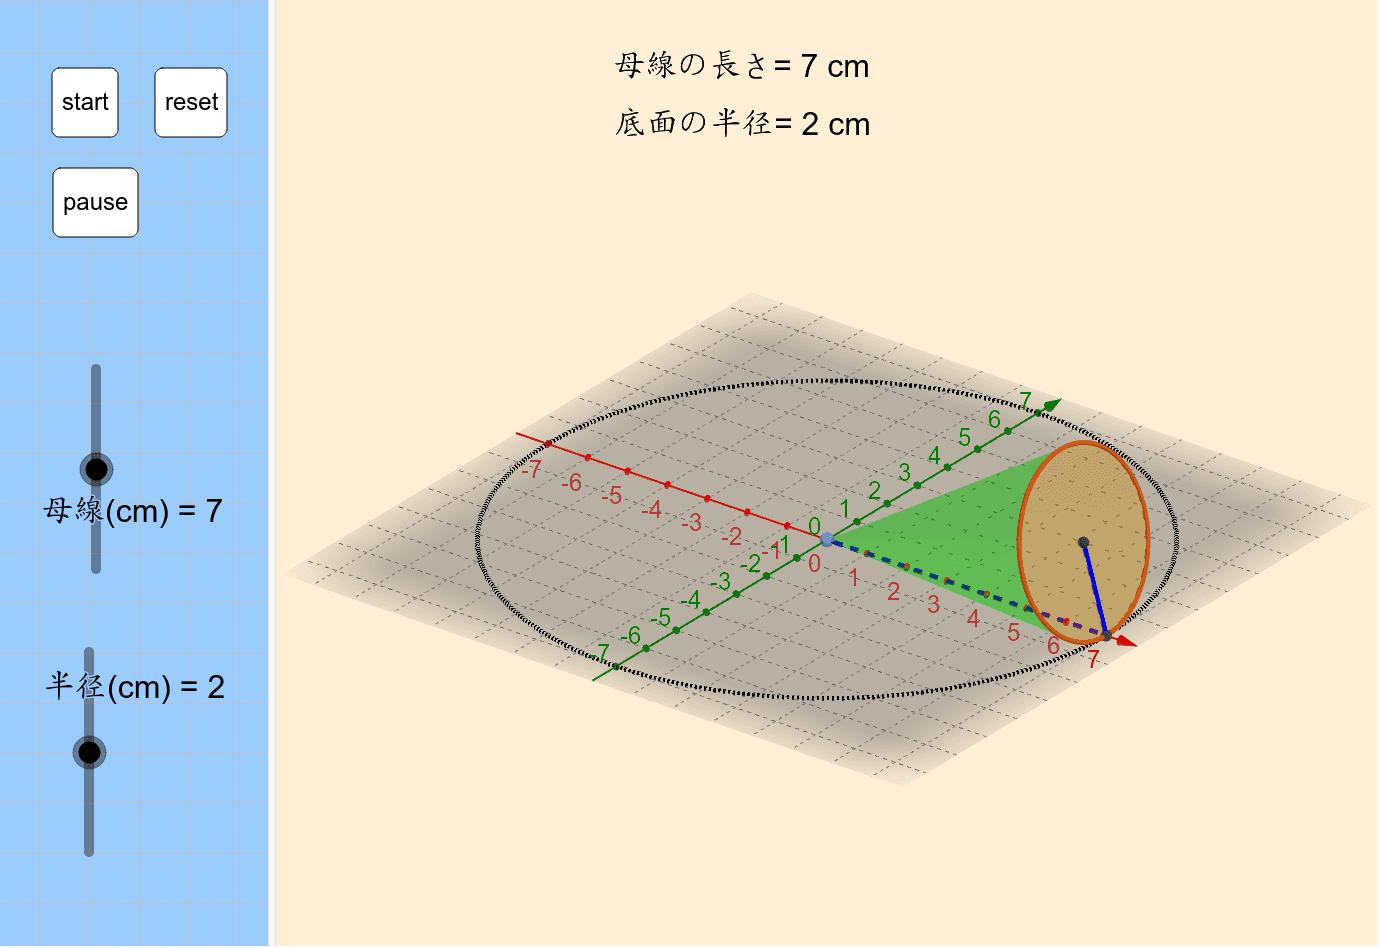 古典的な問題「円錐を転がすと,1周するのに何回転する?」  まずは,[start]をクリック ワークシートを始めるにはEnter キーを押してください。